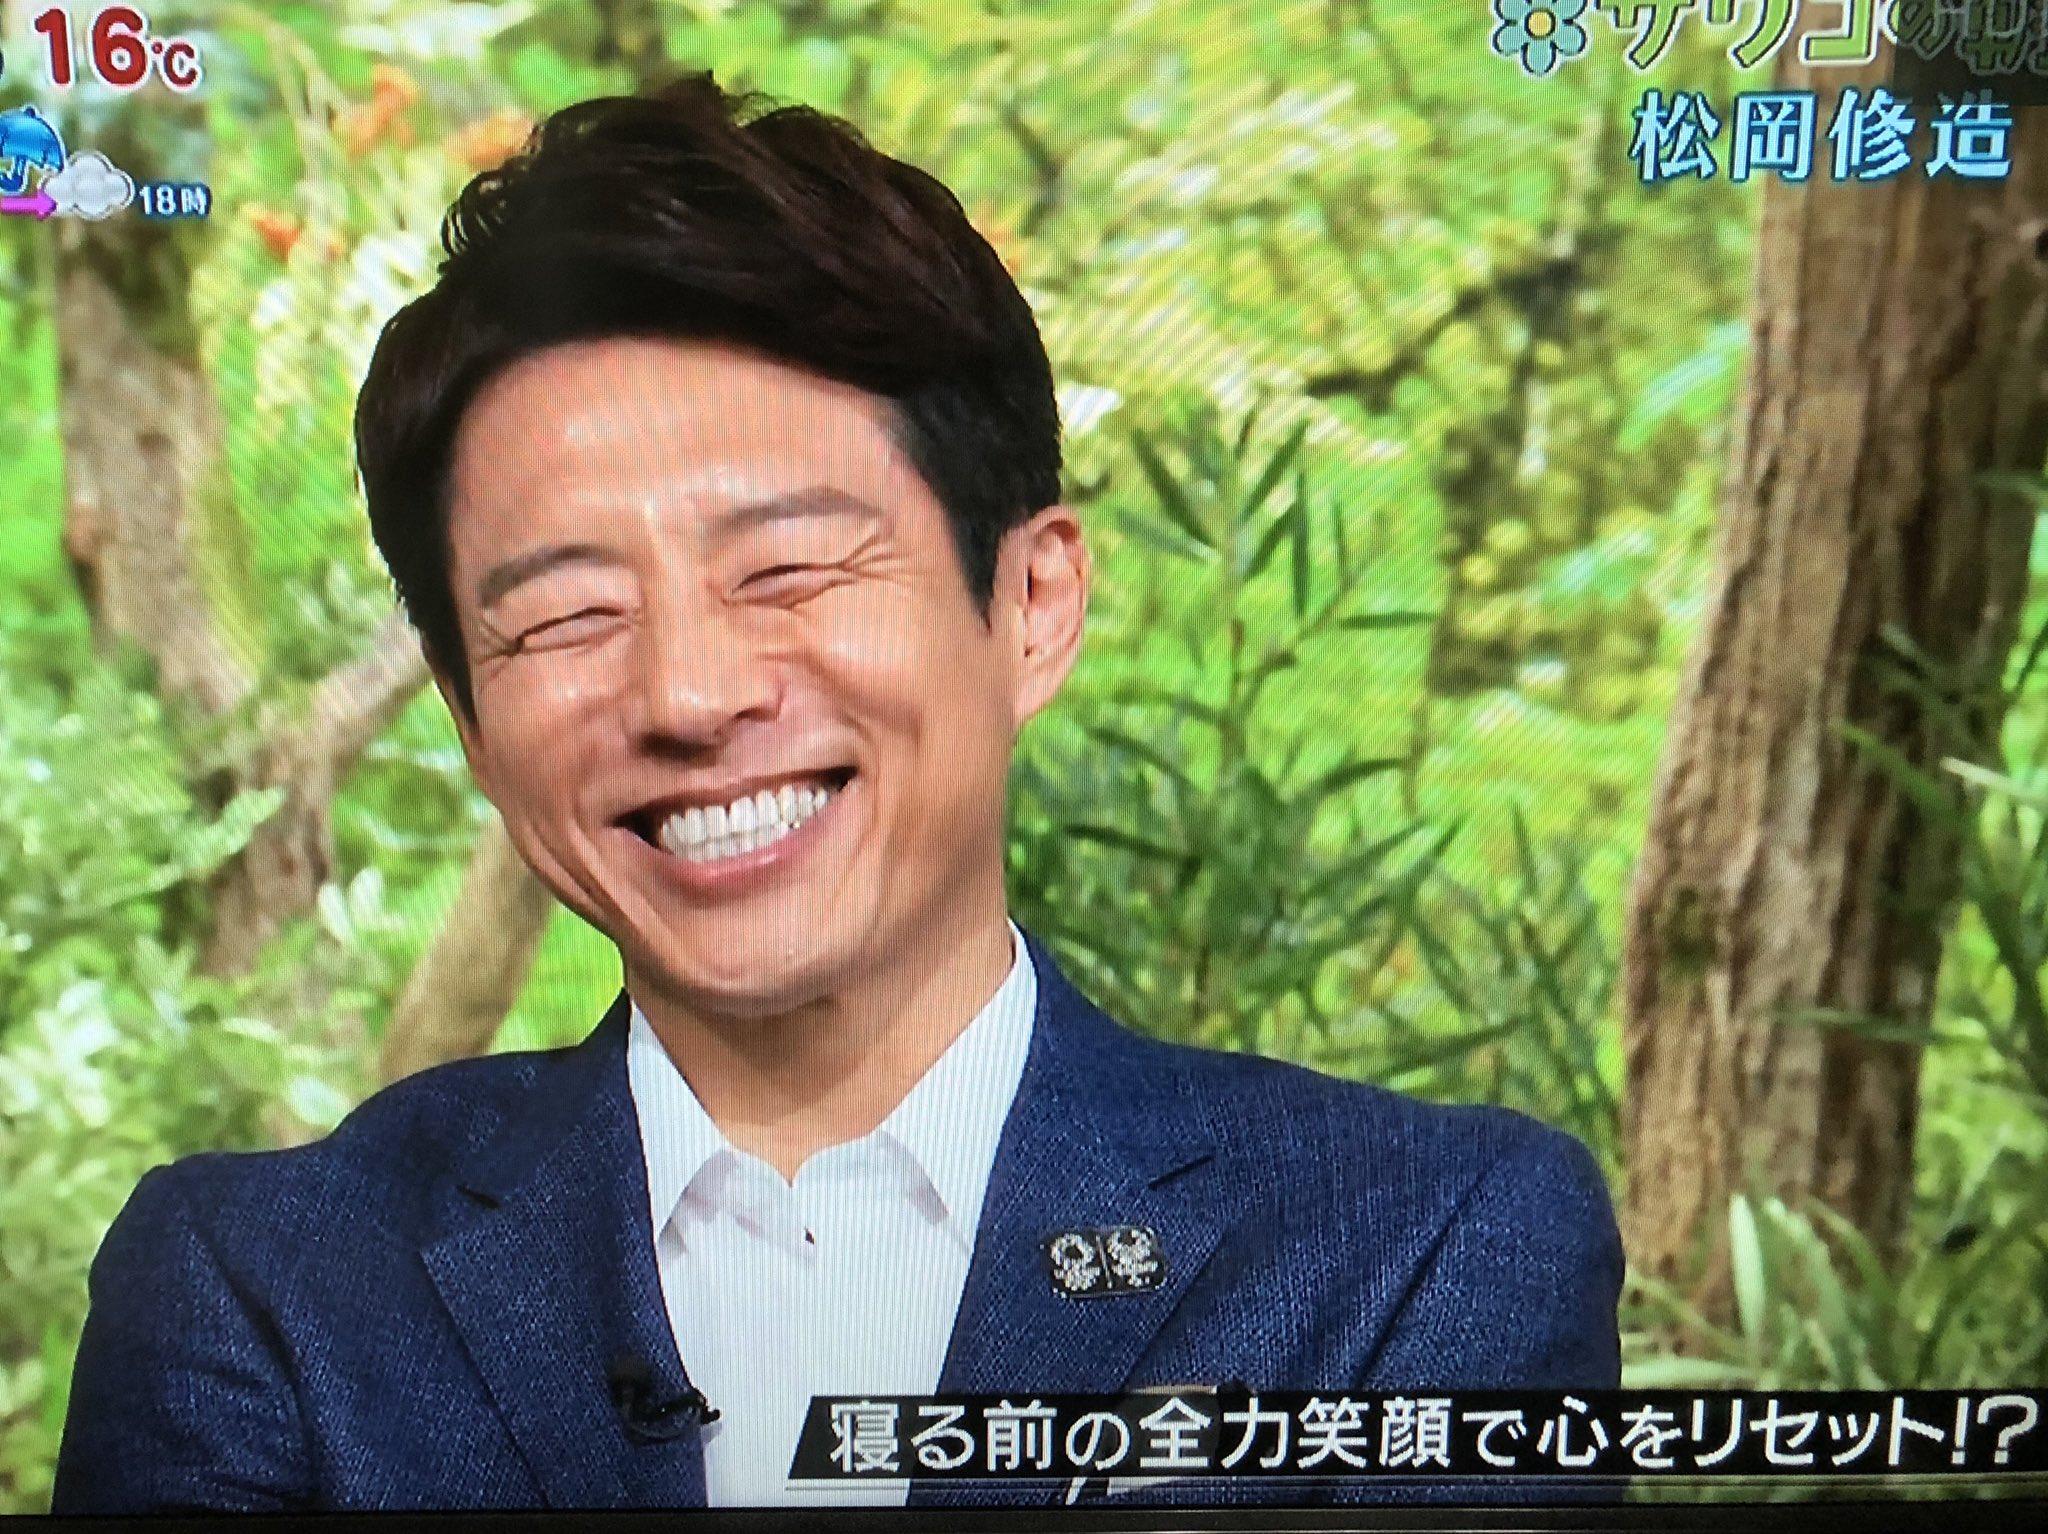 松岡修造 寝る前の全力笑顔で心をリセット!